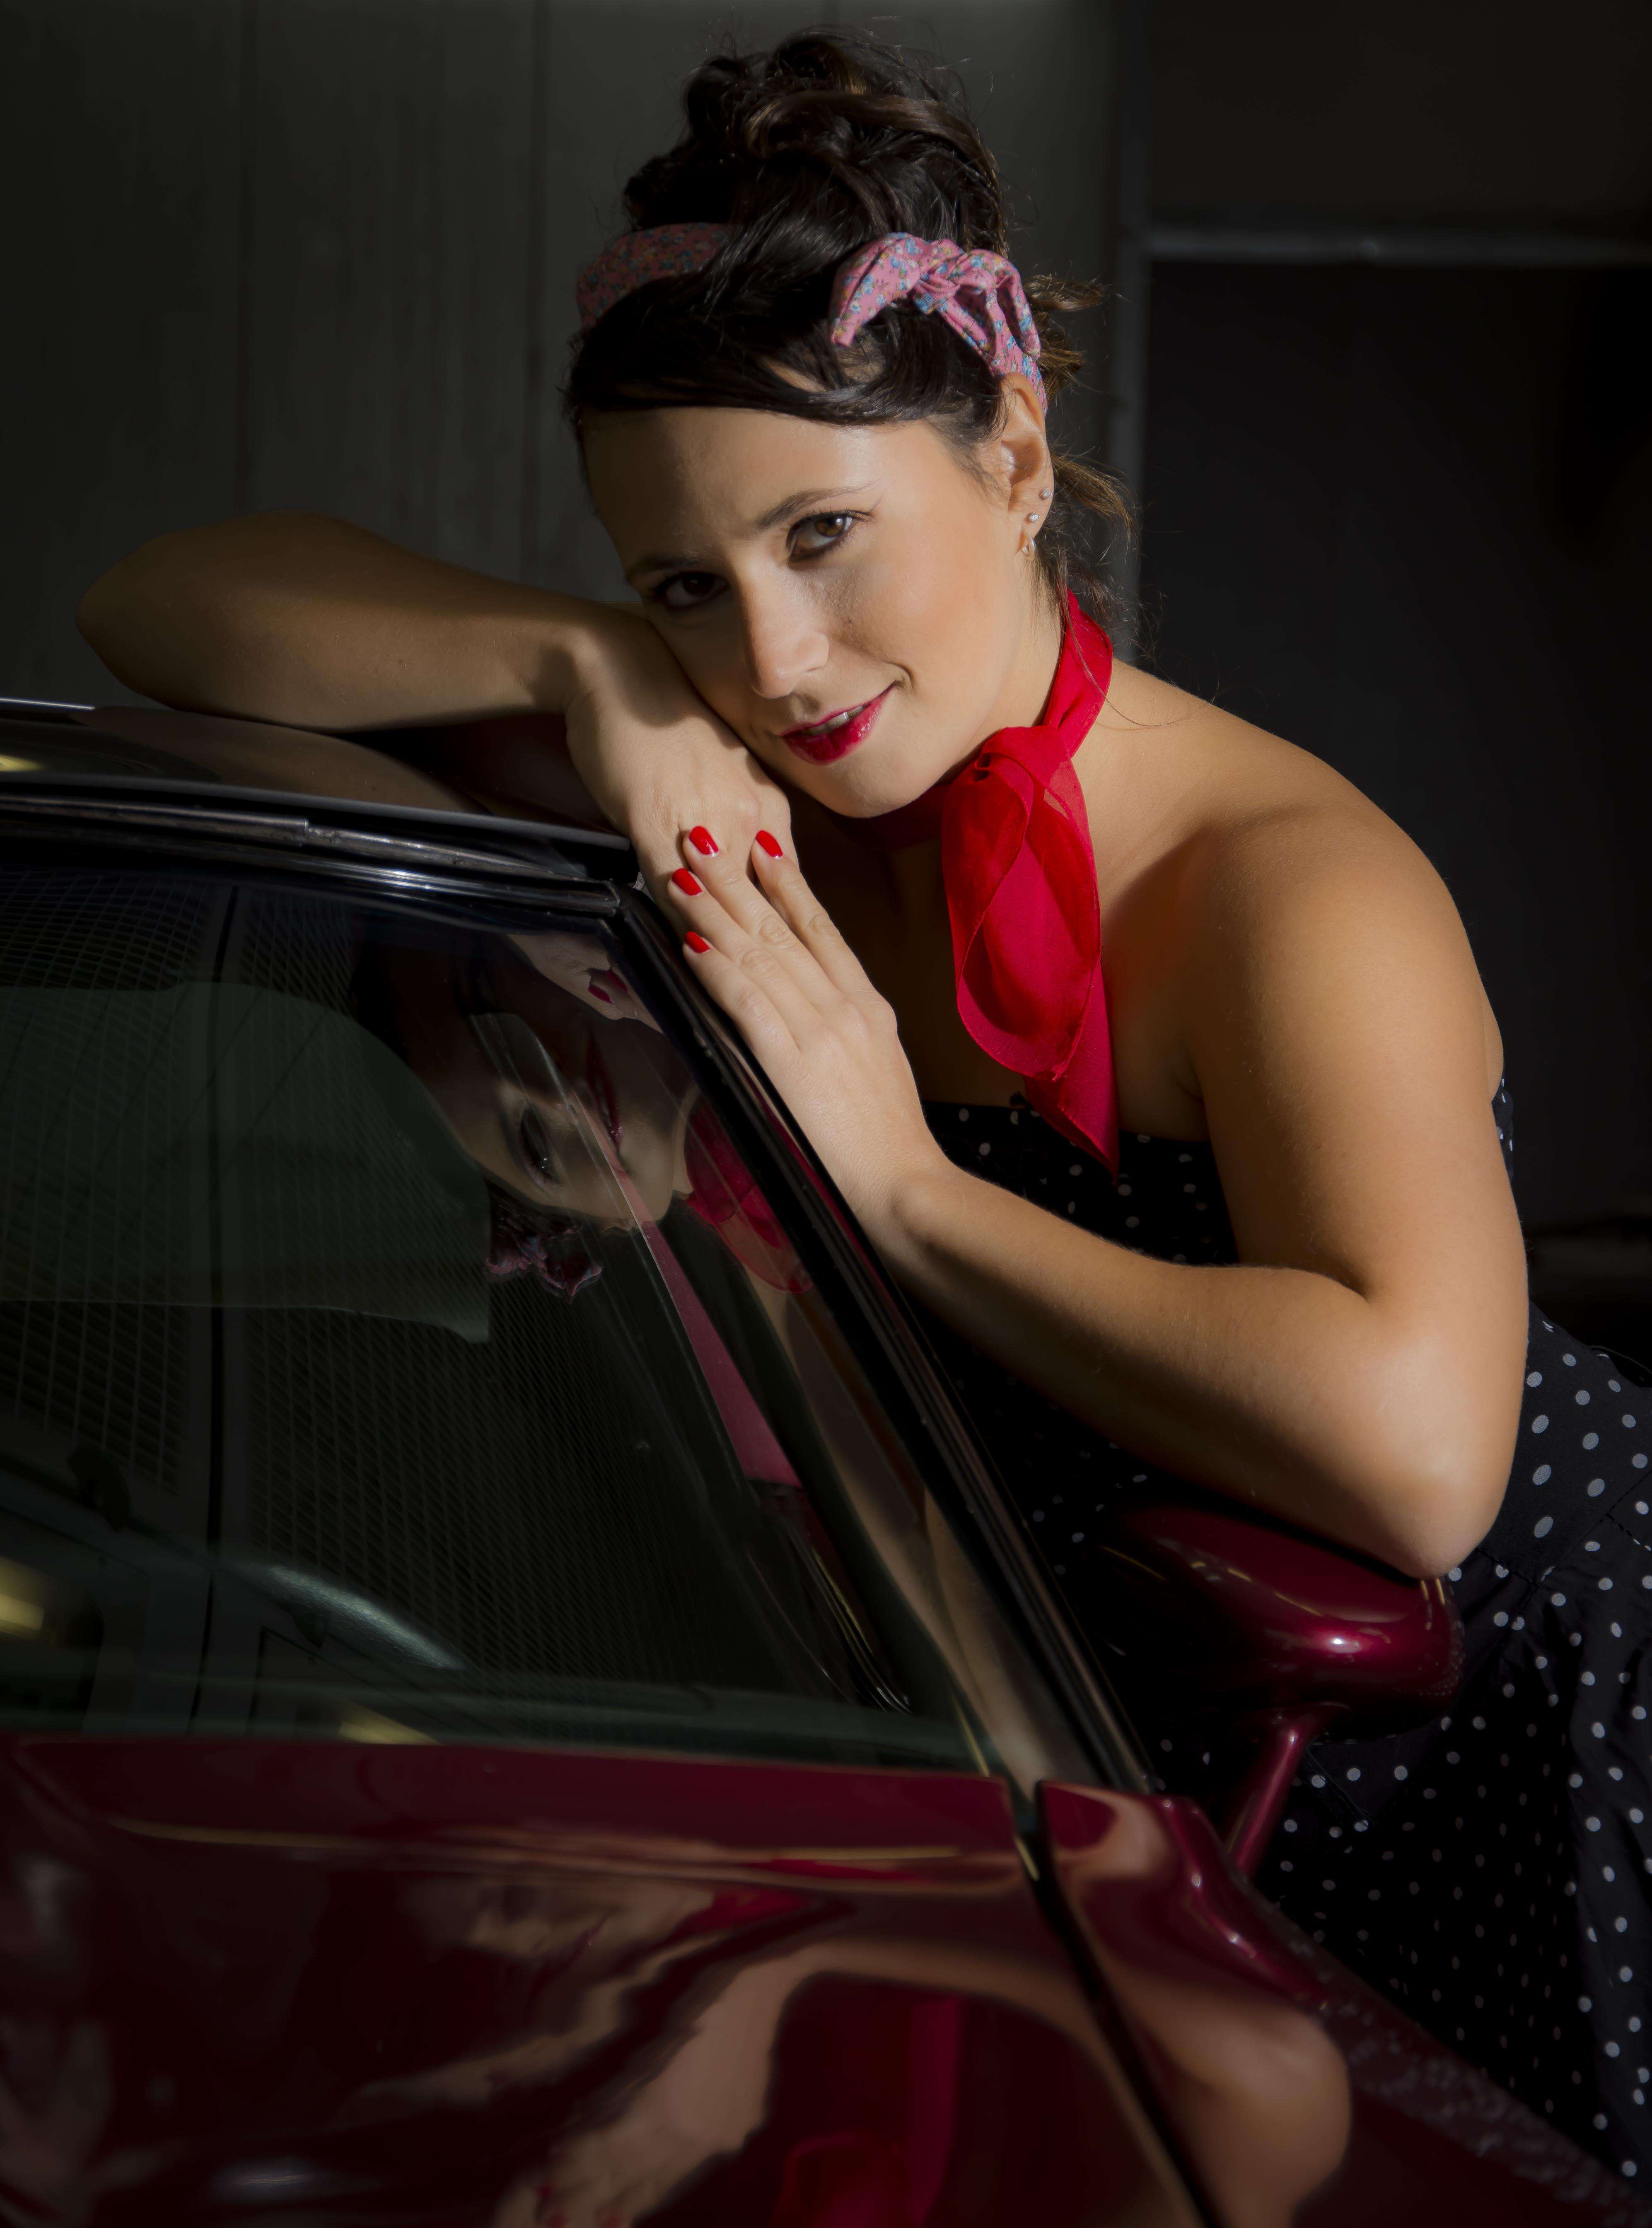 model: Serena Saccaro